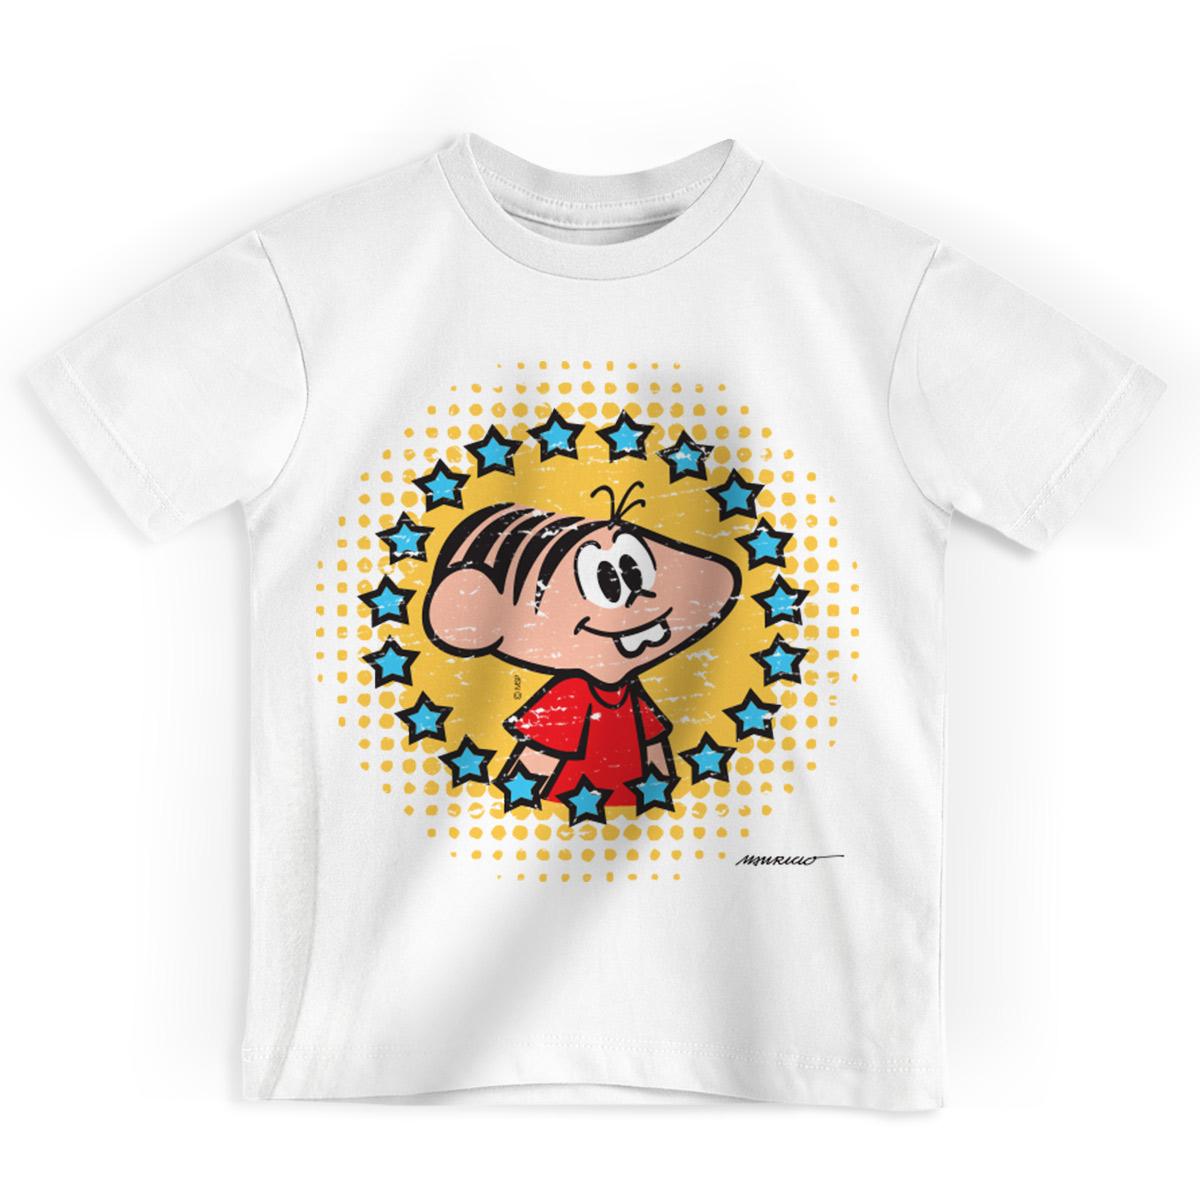 Camiseta Infantil Turma da Mônica 50 Anos Evolução Modelo 5